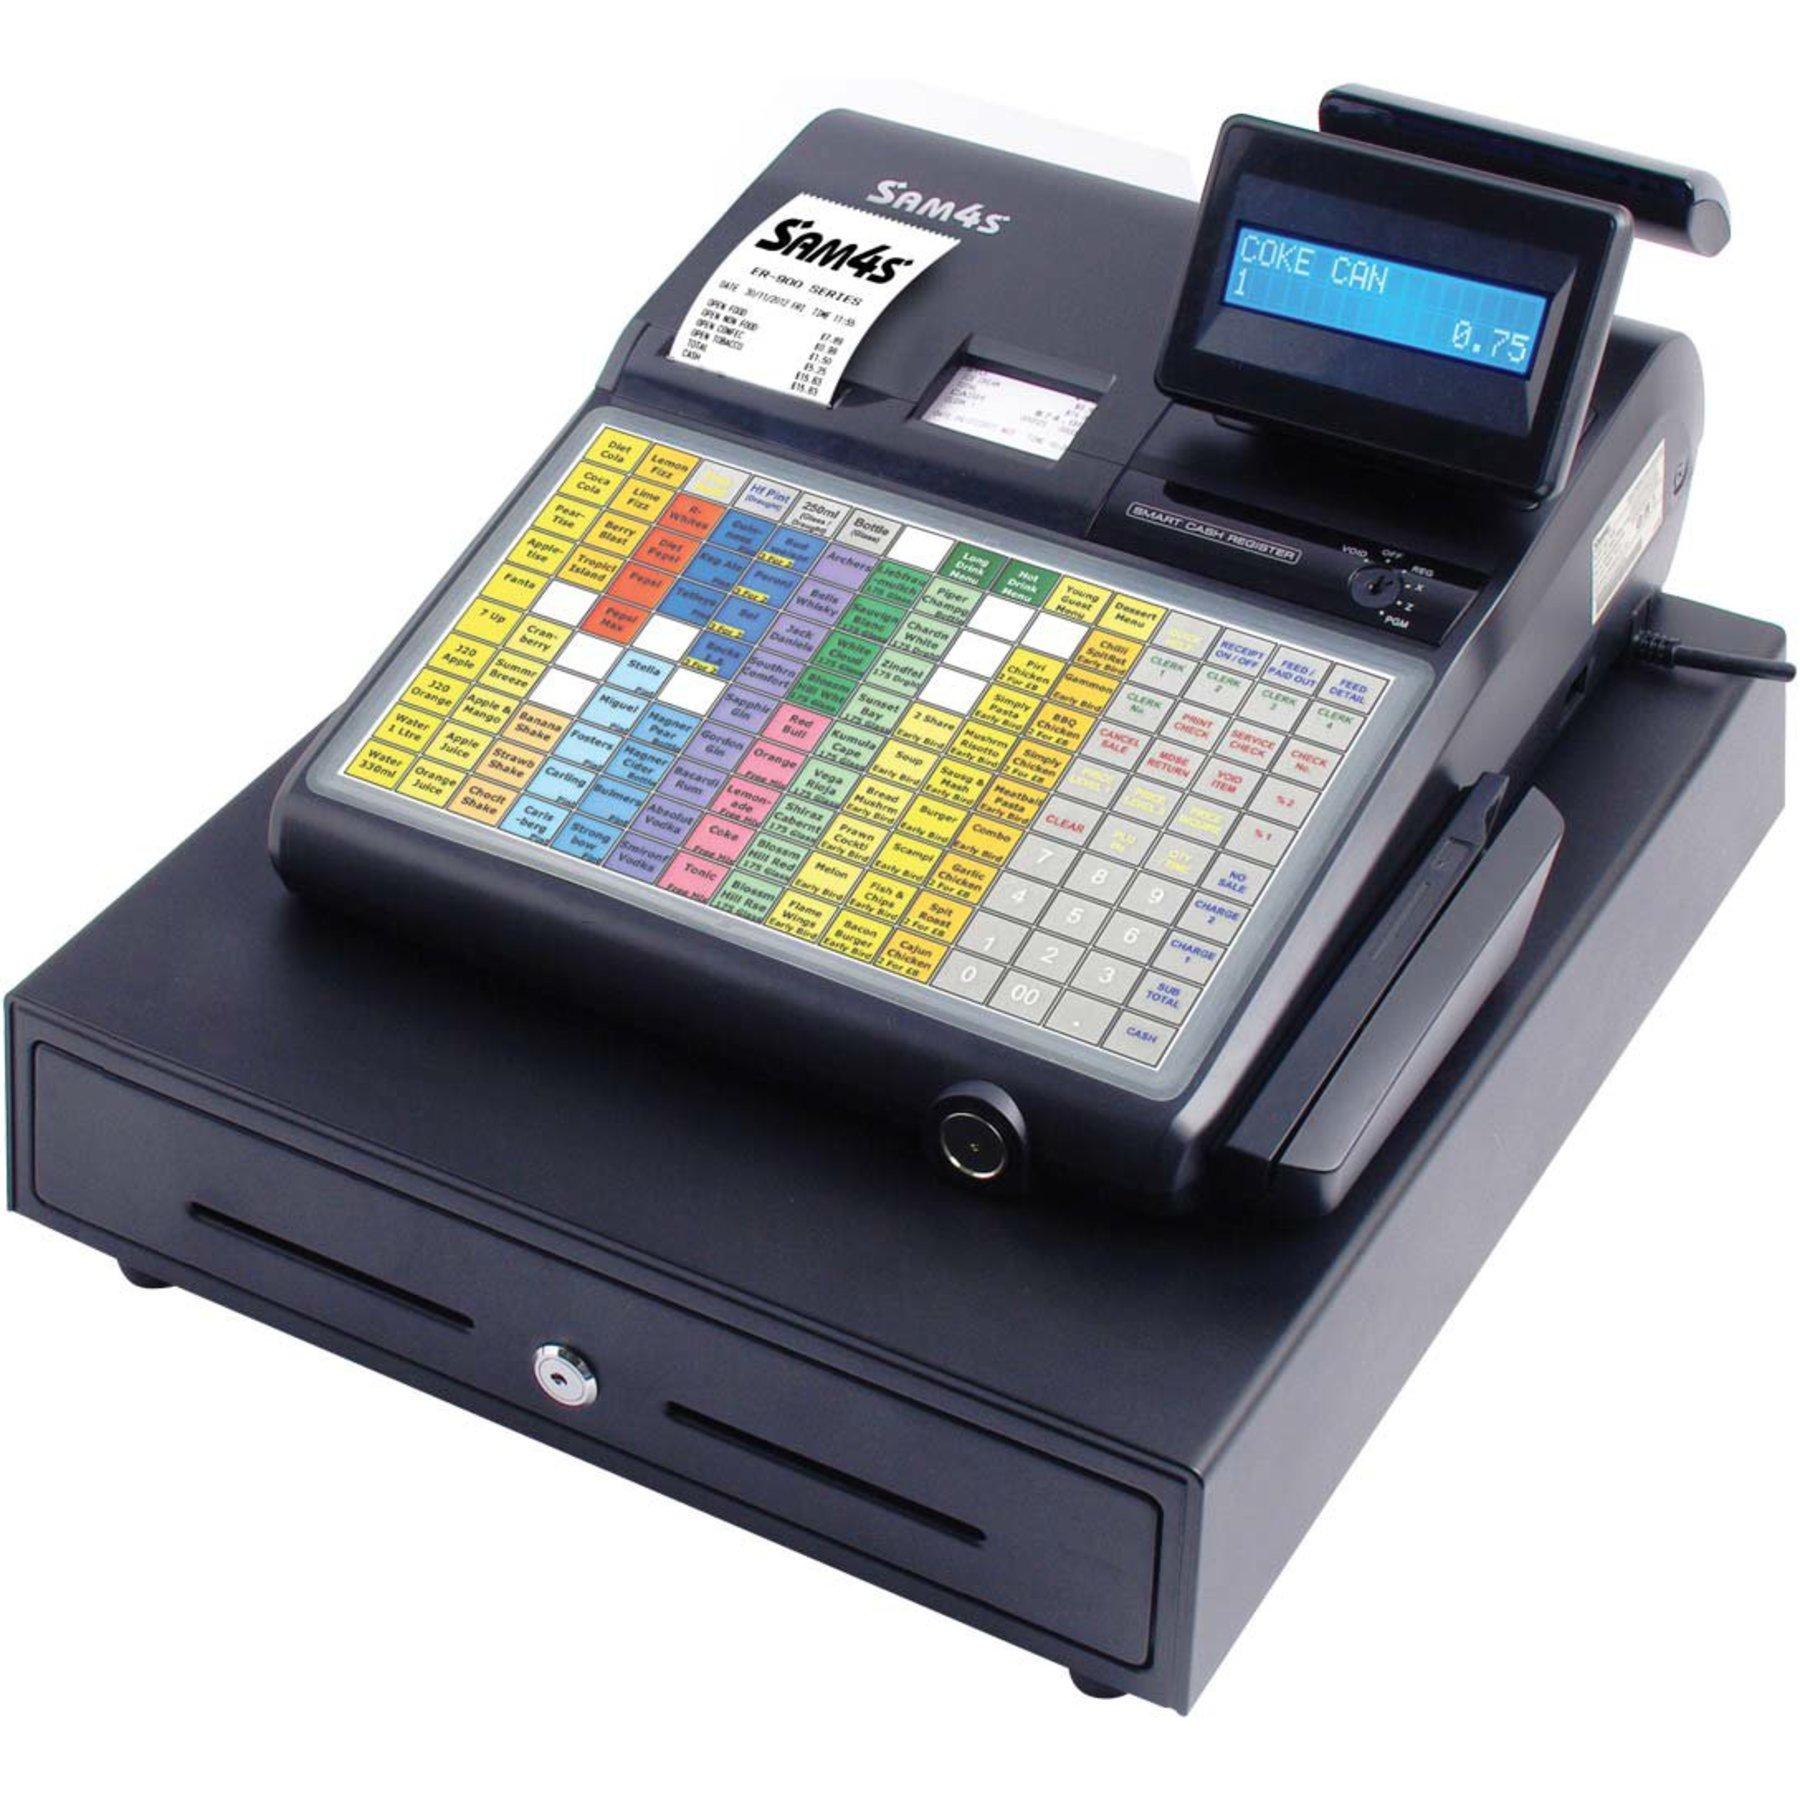 Sam4s Er940 Cash Register With Flat Keyboard Cash